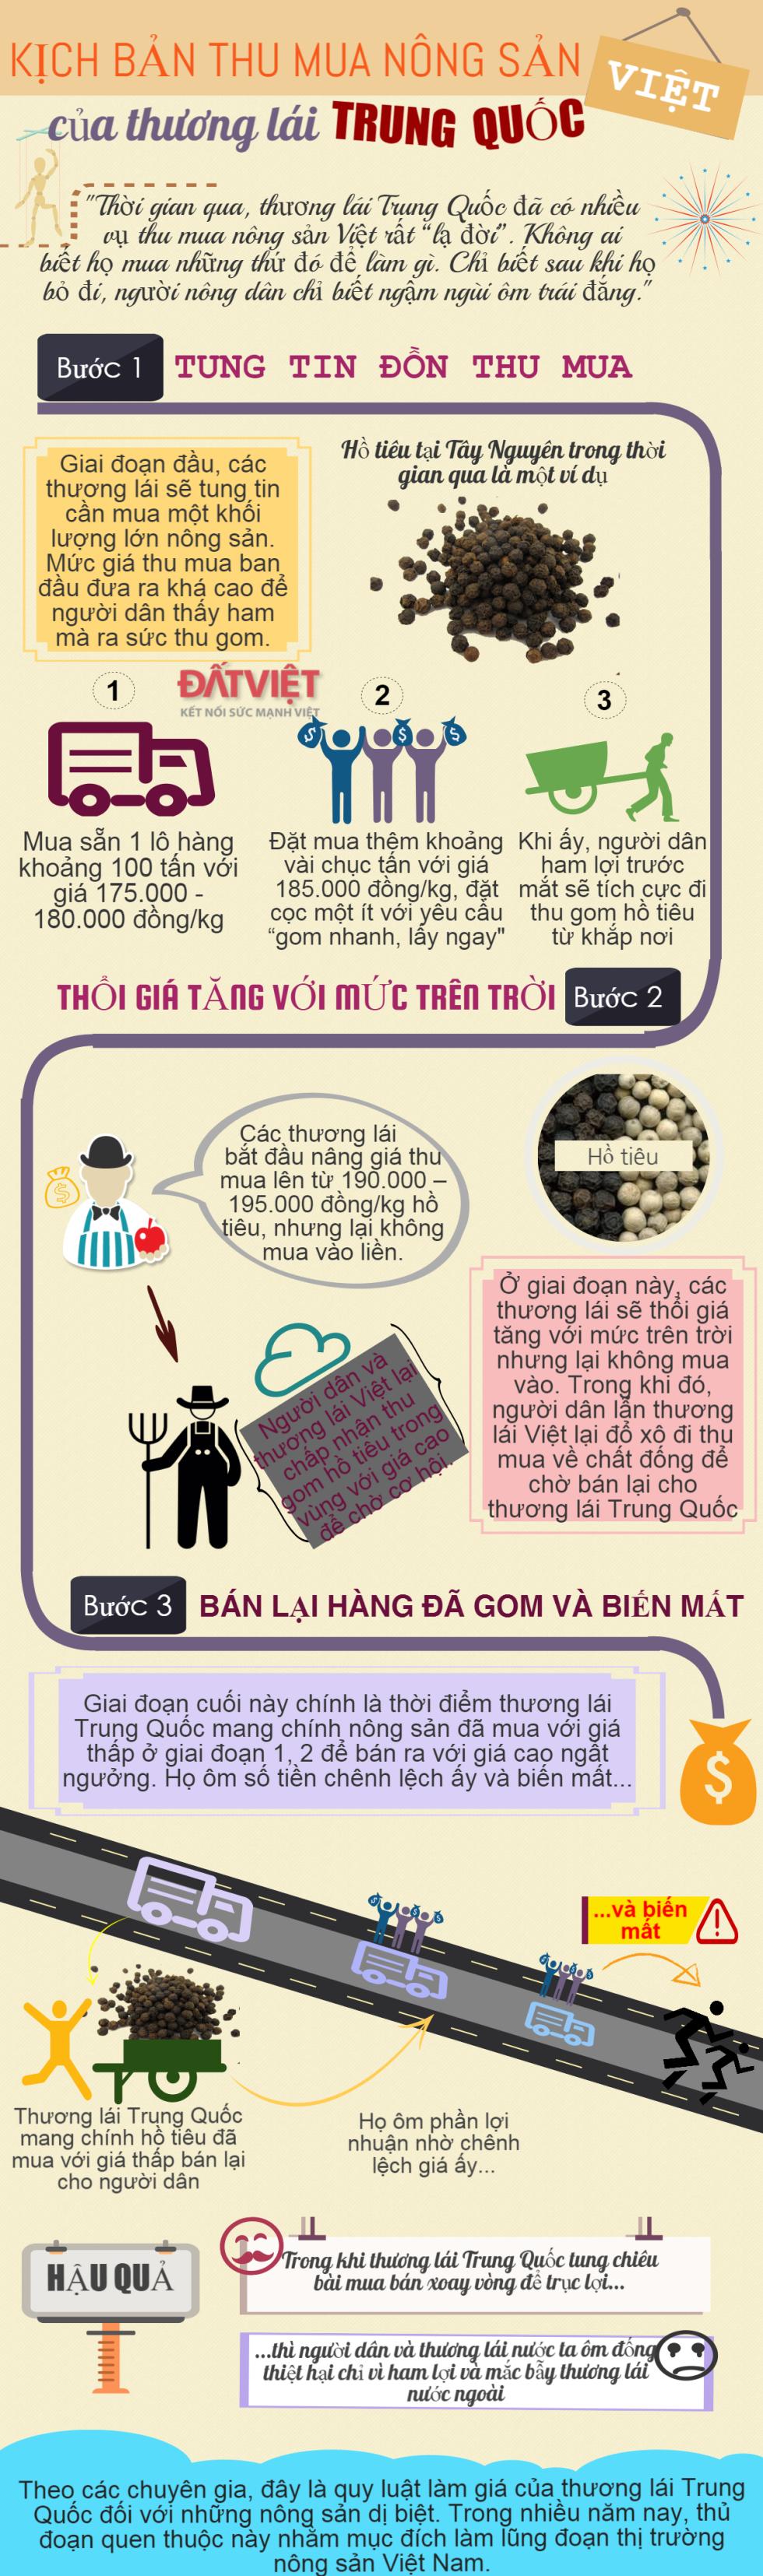 [Infographics] Hành trình thu mua nông sản Việt của thương lái Trung Quốc